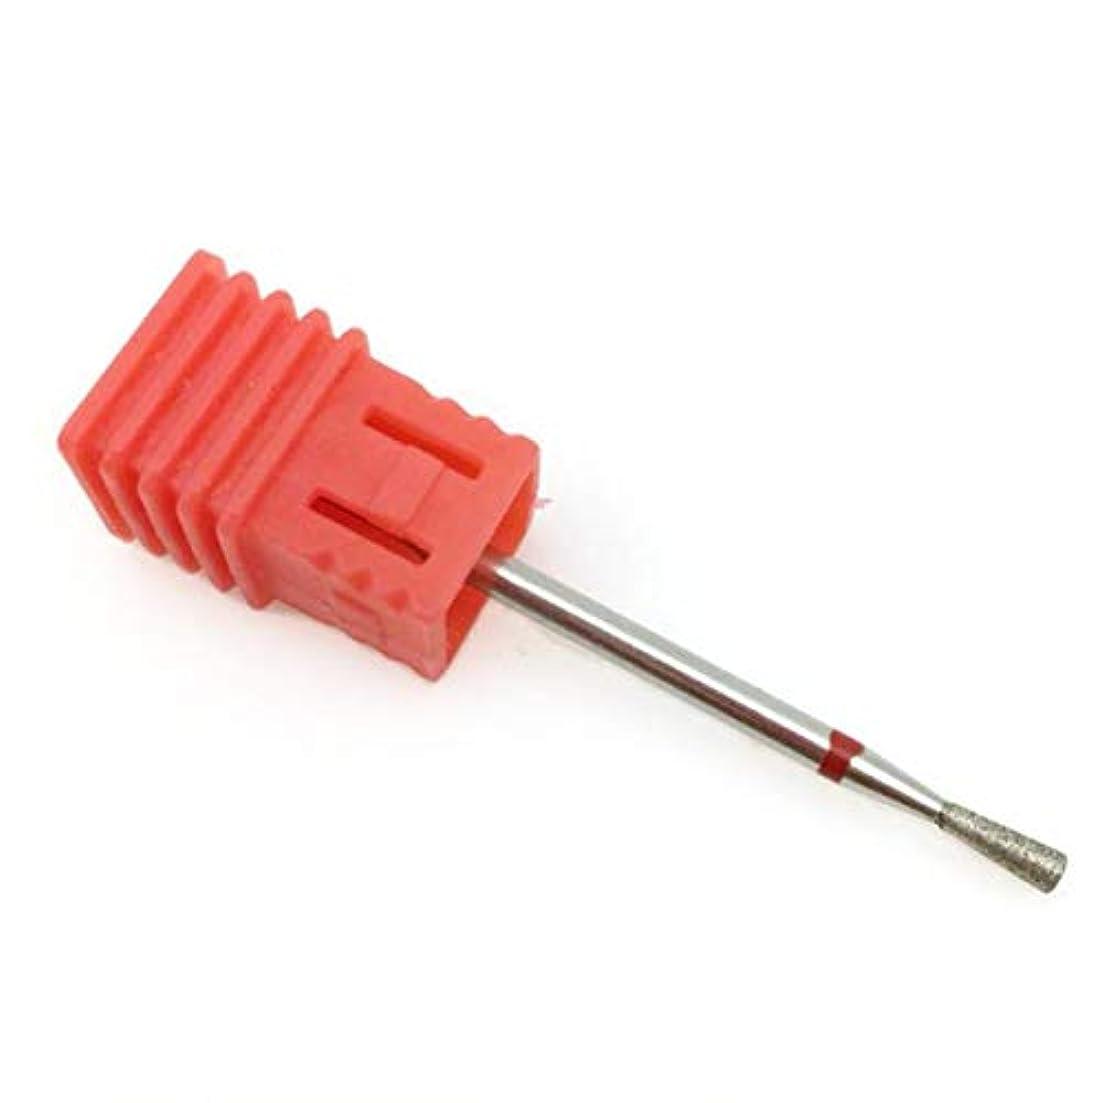 崇拝します静める発動機Yoshilimen 十分な5種類赤ダイヤモンドネイルファイルビットバリミーリングカッターマニキュア電気ネイルドリル爪アクセサリー(None D2)